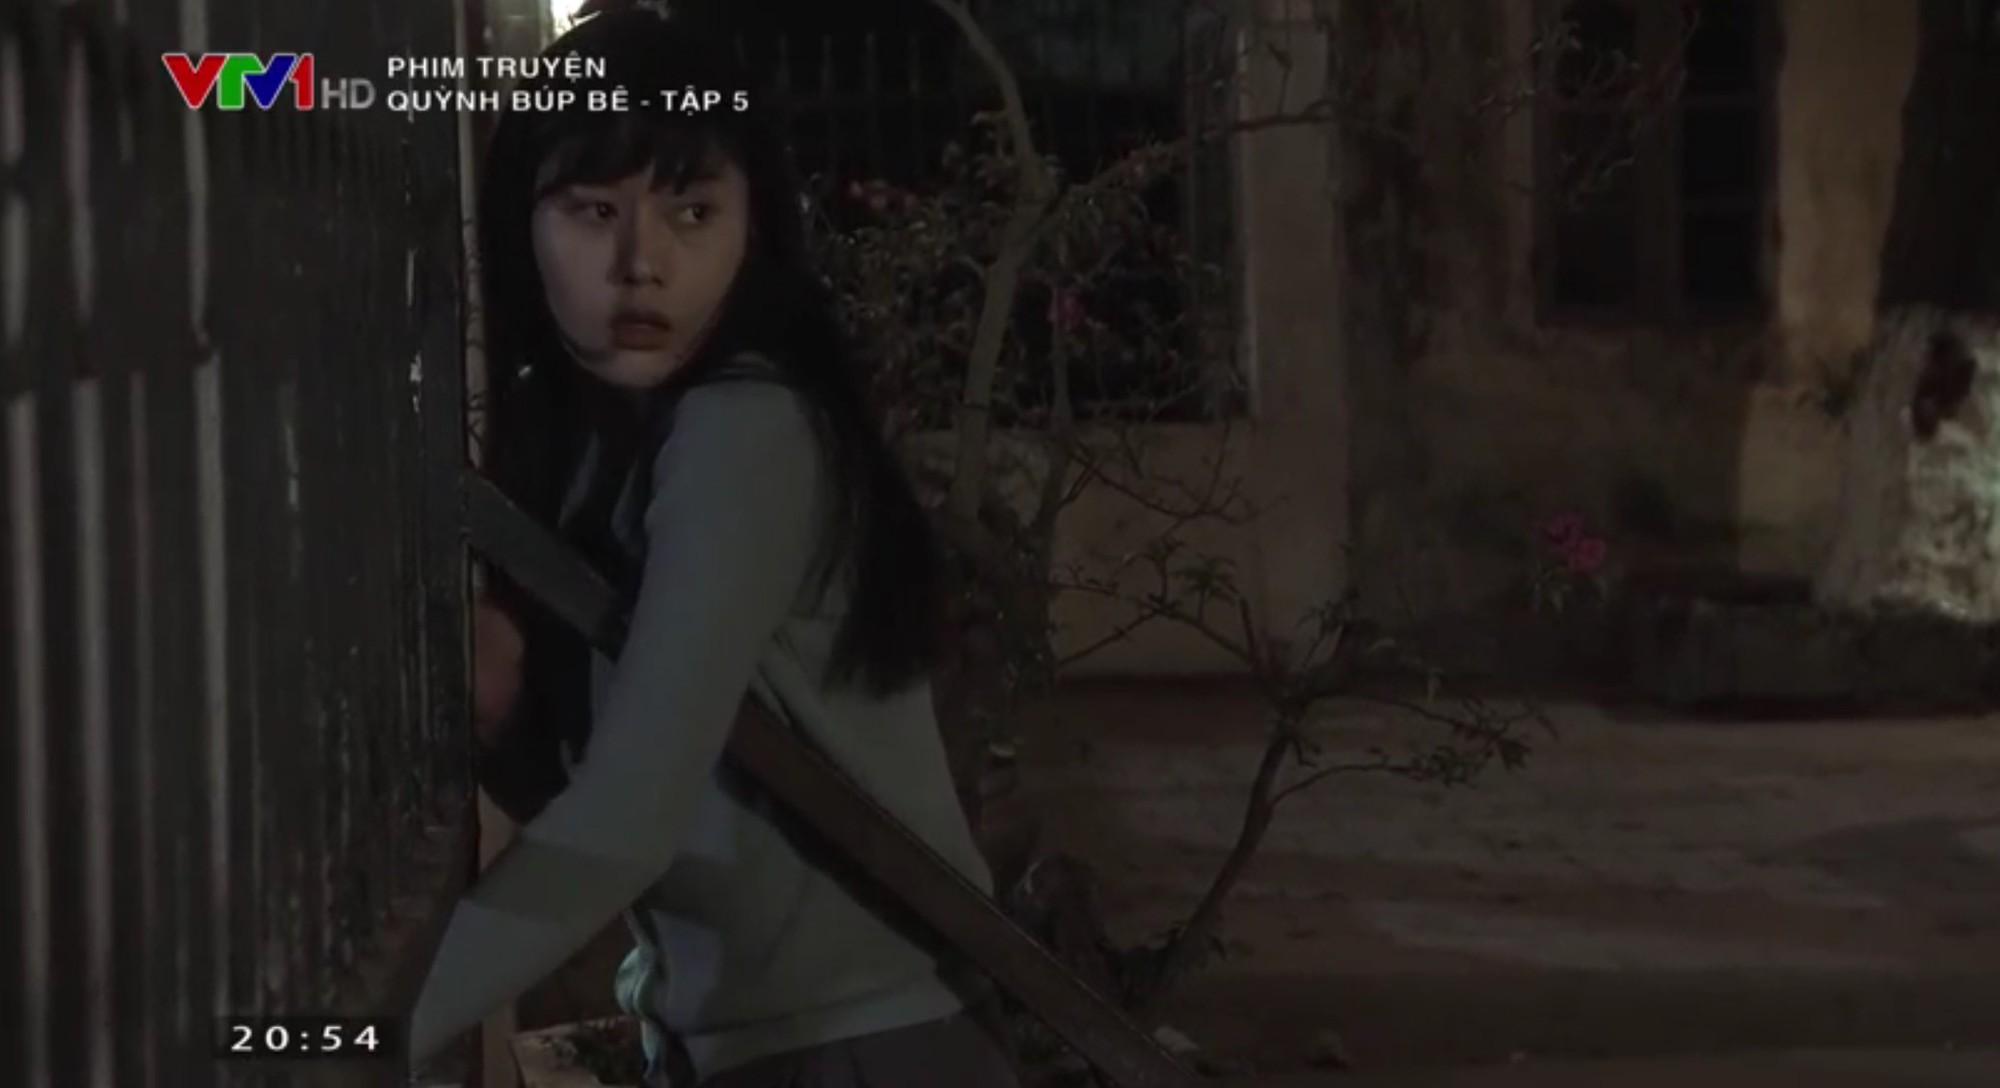 Quỳnh Búp Bê: Lan bị đánh bầm dập vì dám giúp Quỳnh trốn khỏi nhà chứa - Ảnh 1.